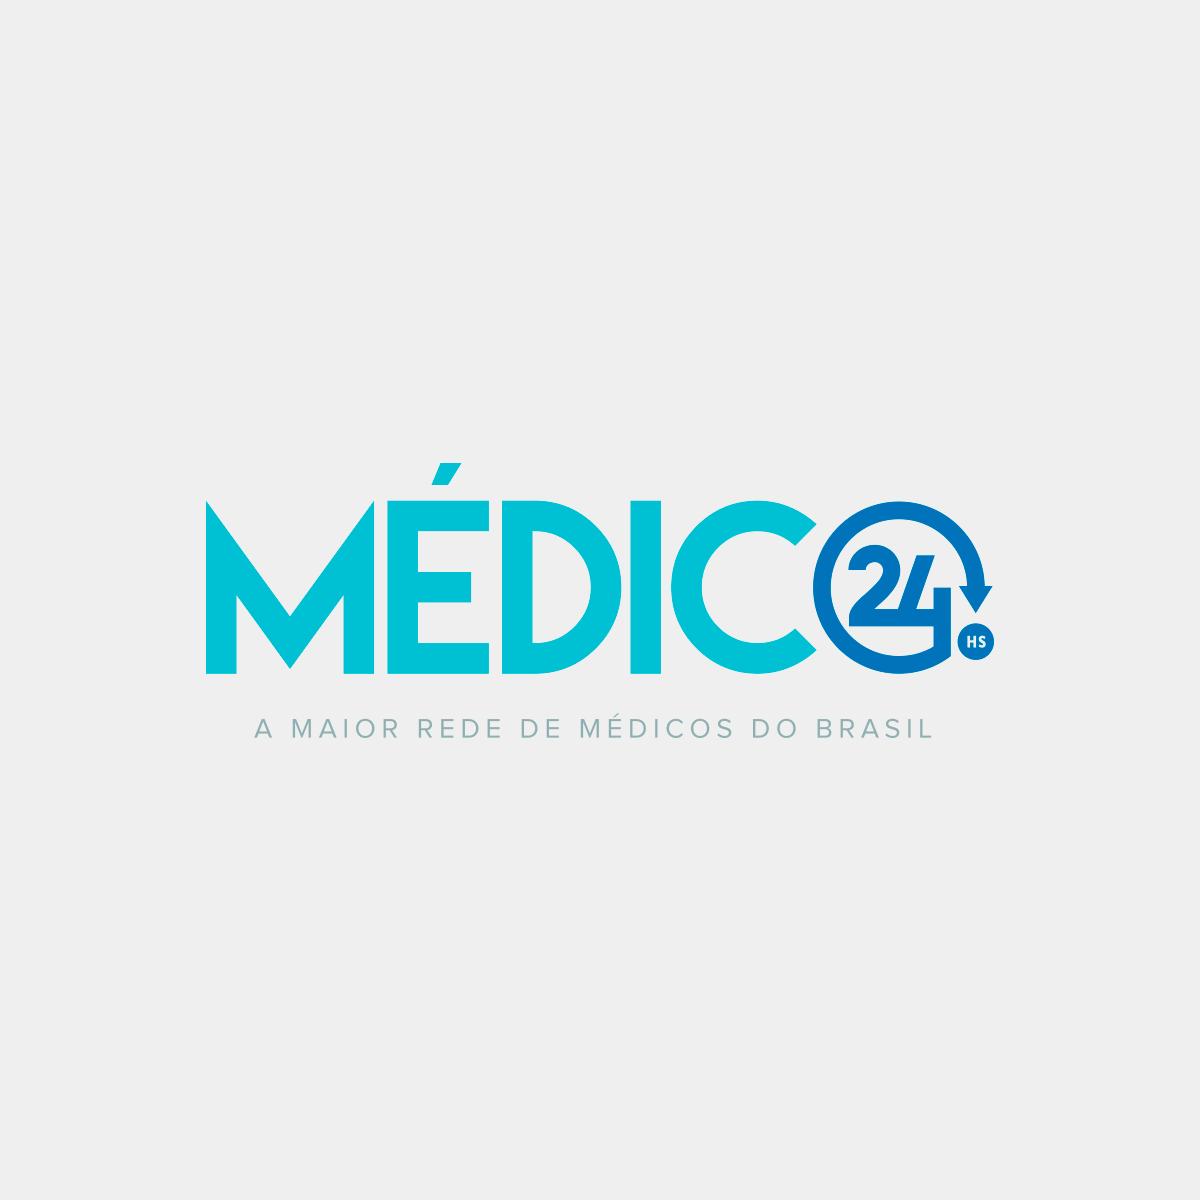 http://brasiltelemedicina.com.br/wp-content/uploads/2016/07/medico-24hs-1200x1200.png